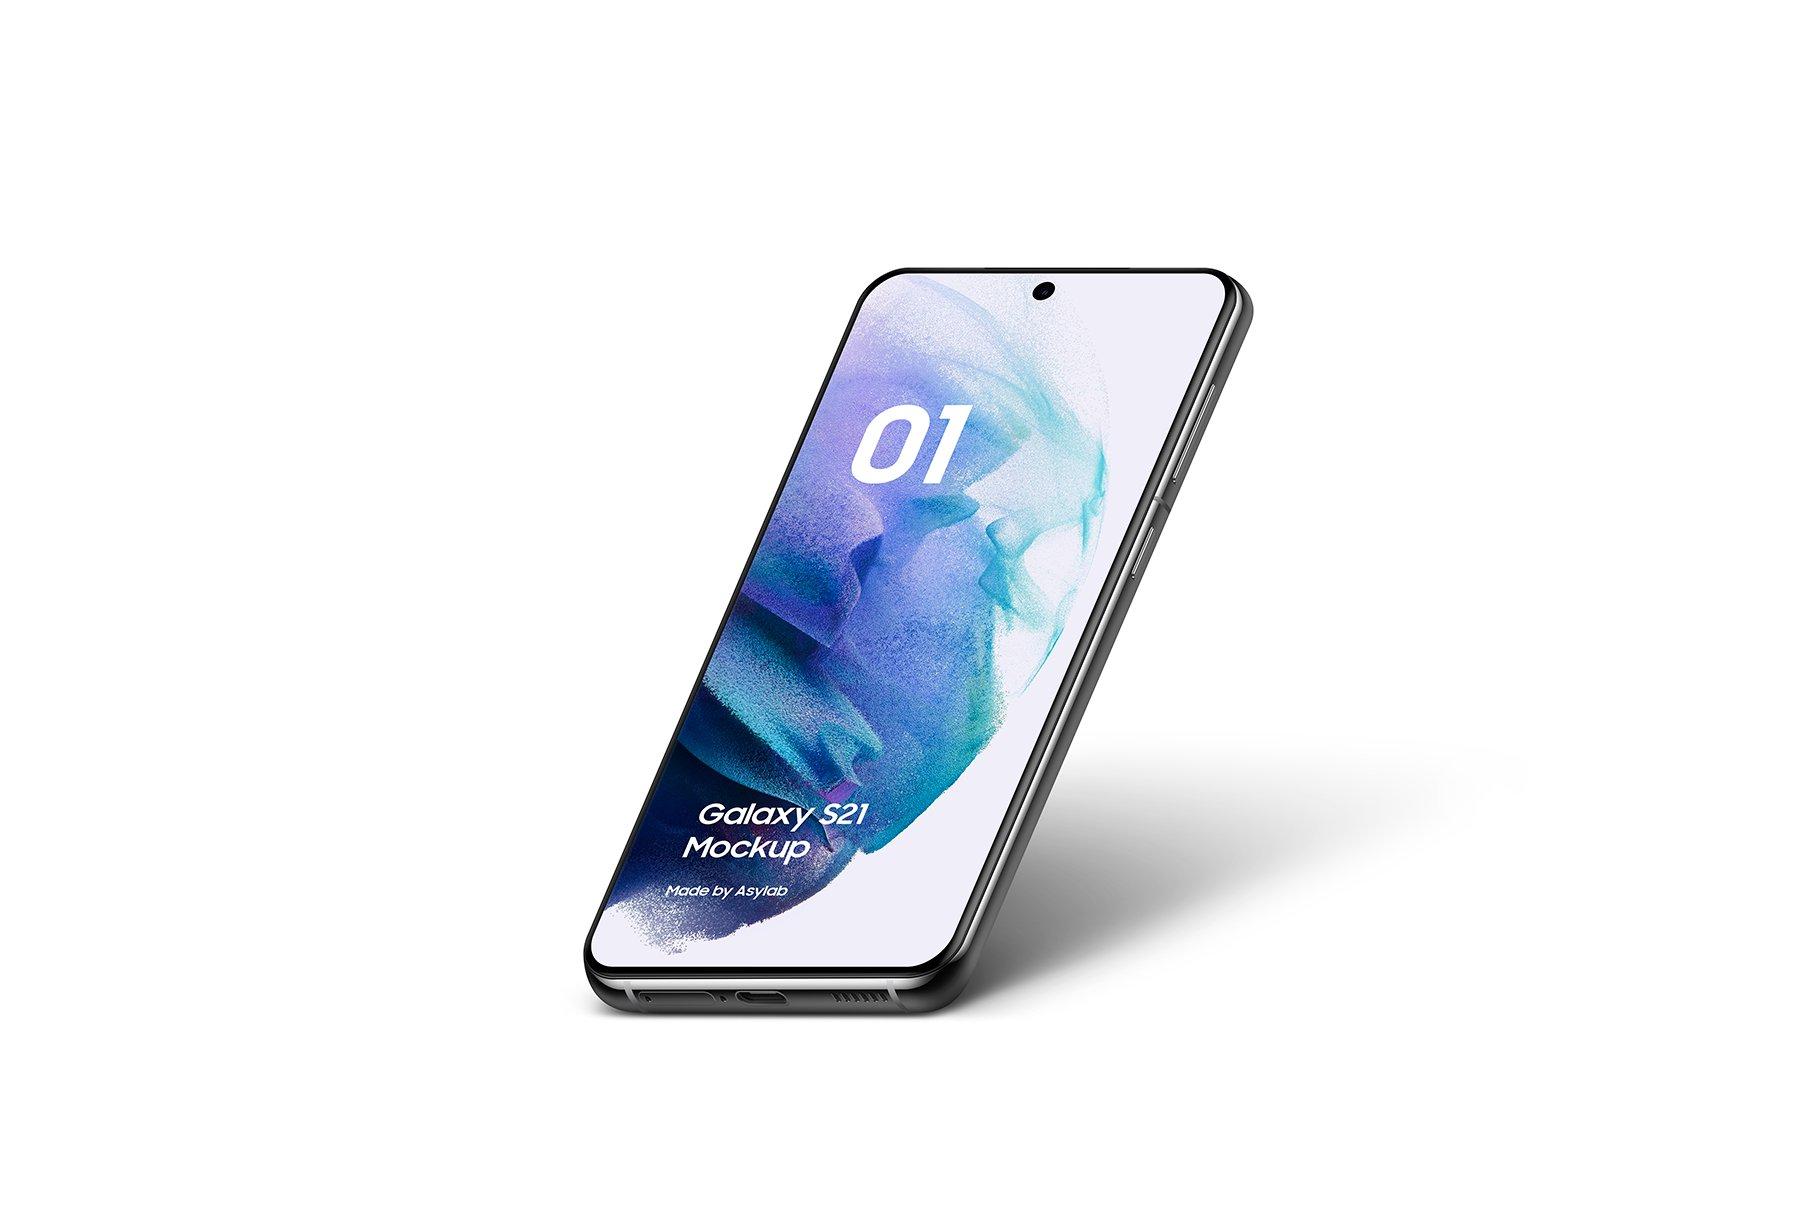 [单独购买] 20款三星Galaxy S21手机网站APP界面设计演示样机模板套件 Galaxy S21 – 20 Mockups Scenes插图14